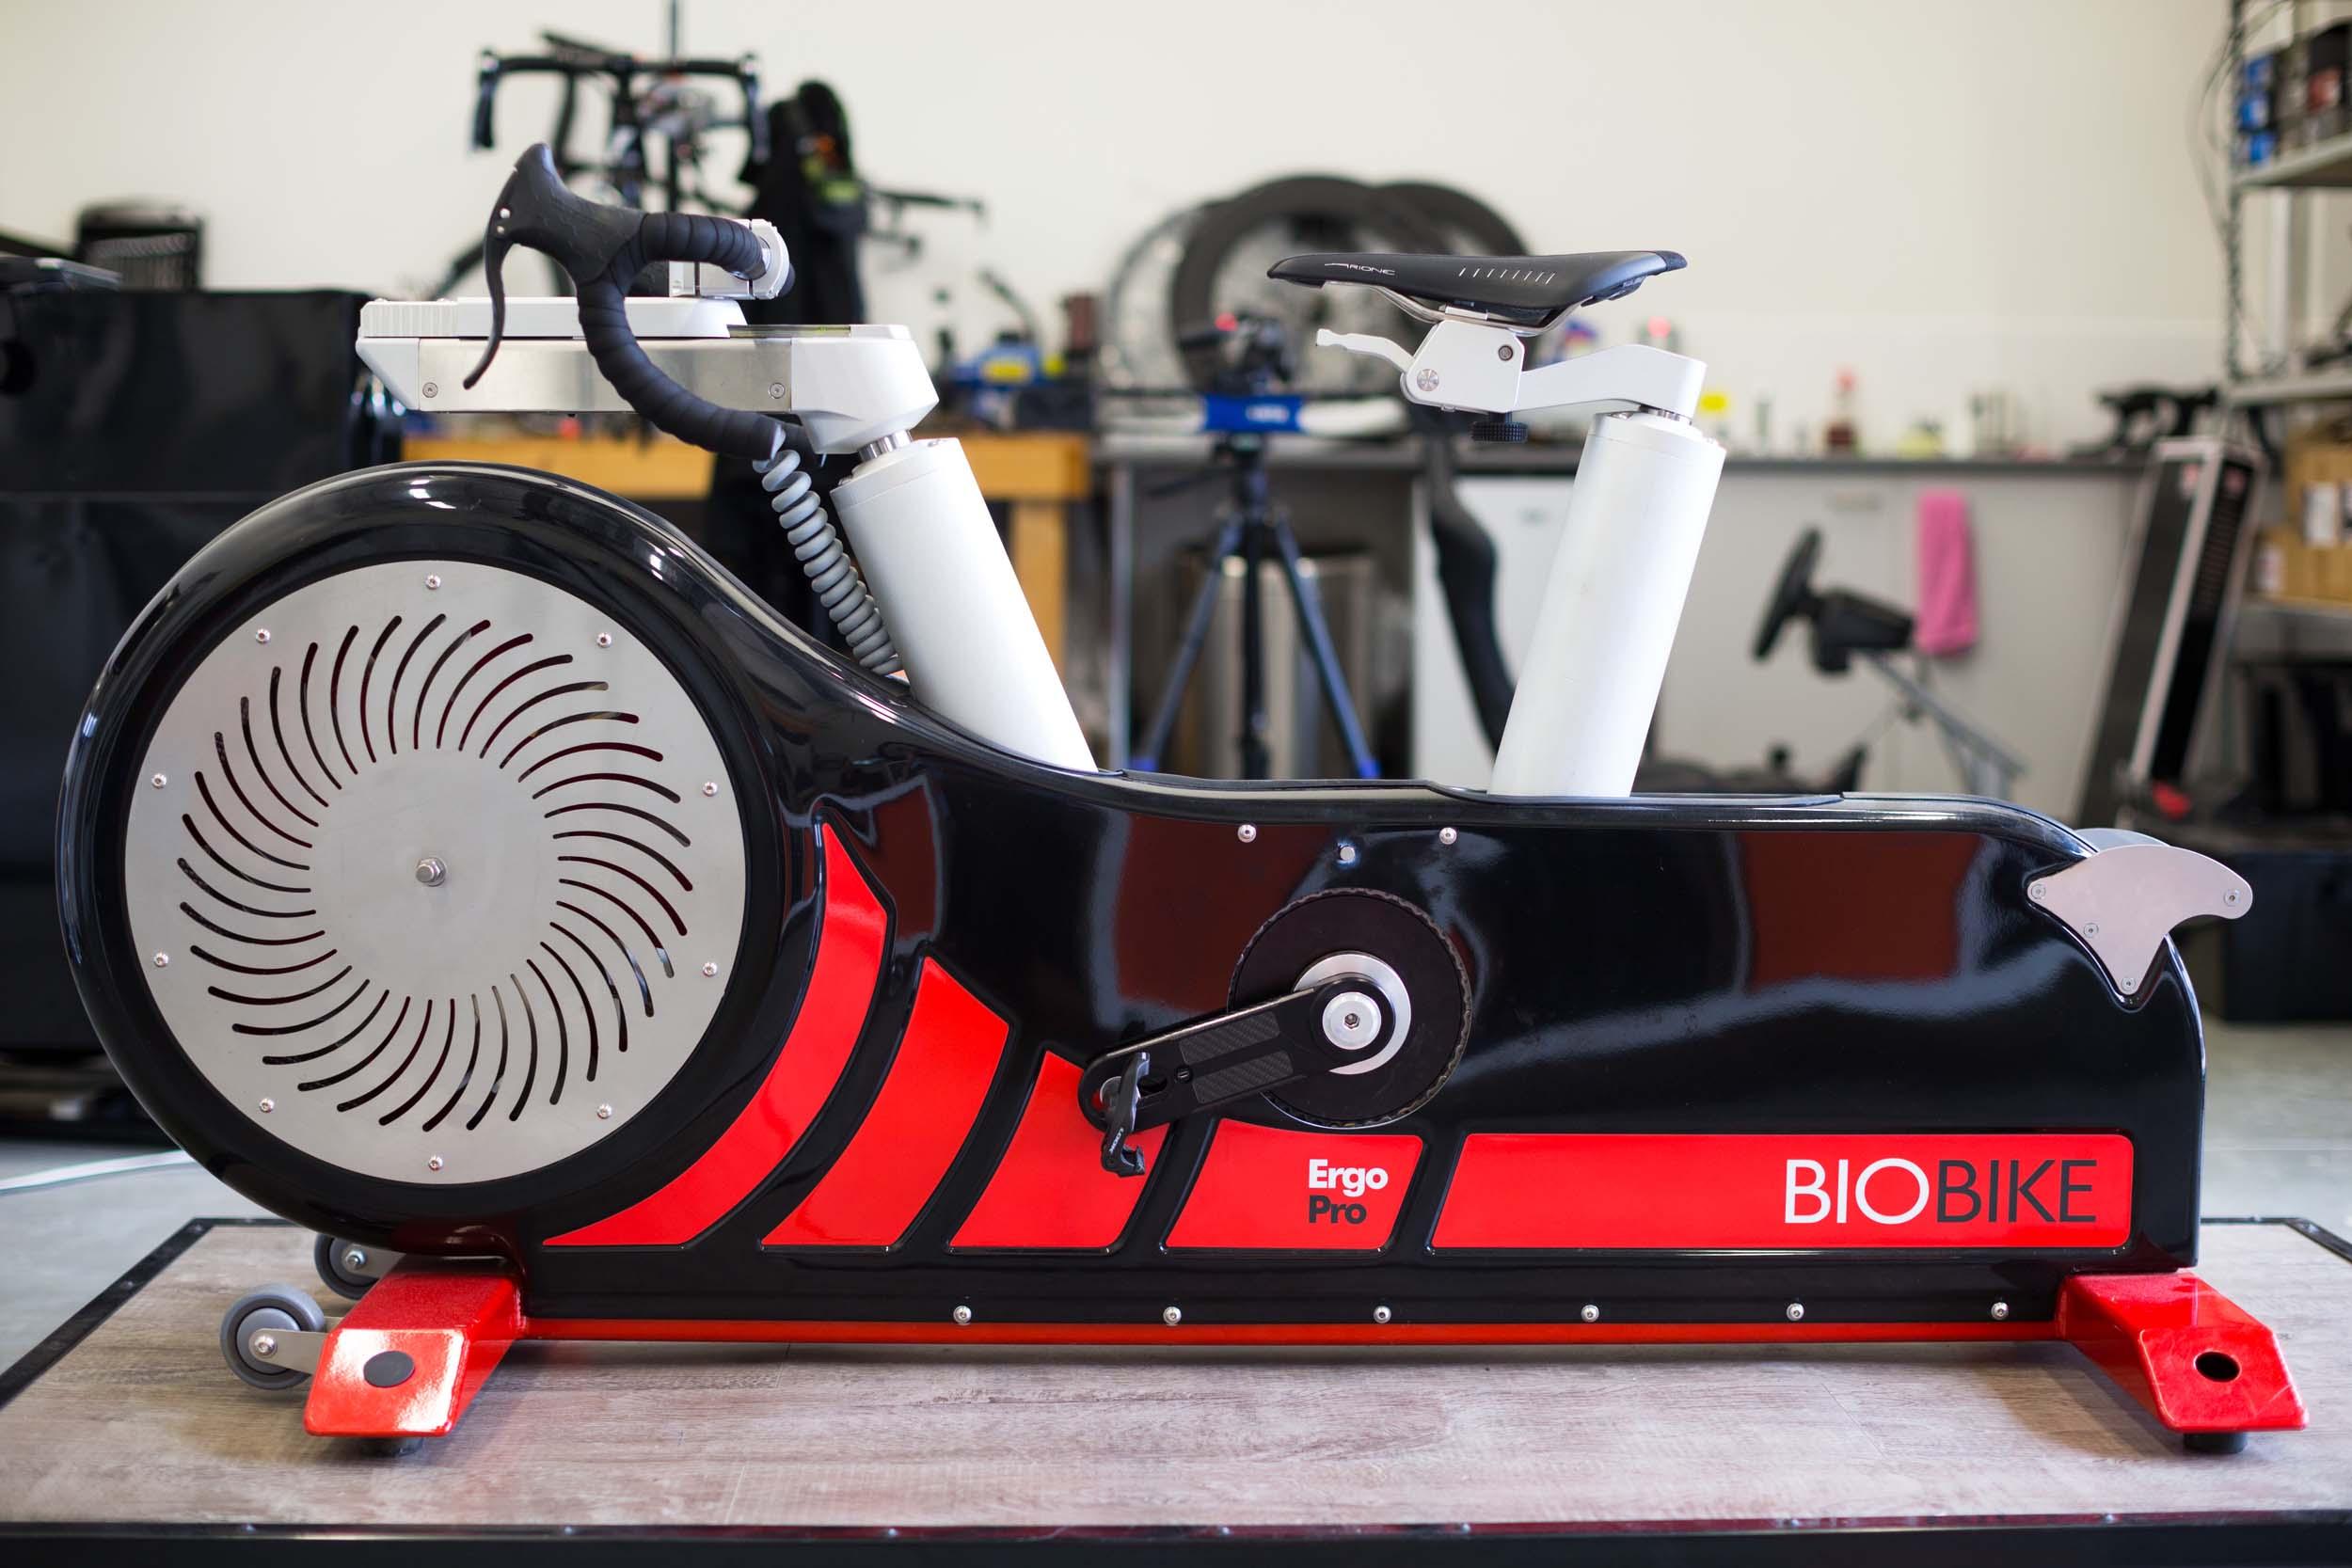 lios-bike-fitting-biobike-image-1.jpg